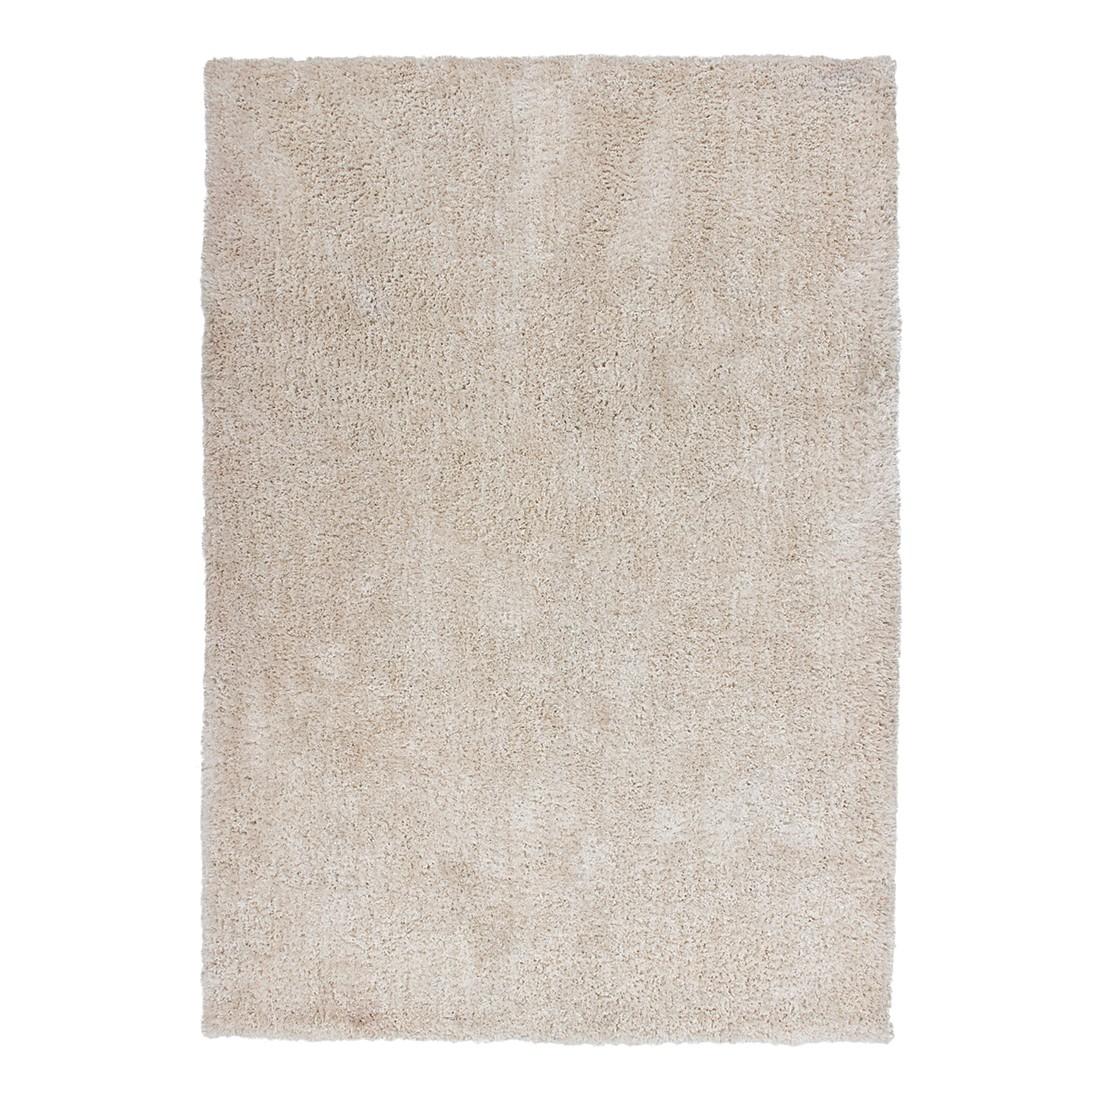 Teppich Tanzania – Sansibar – Beige – 200 x 290 cm, Kayoom günstig kaufen